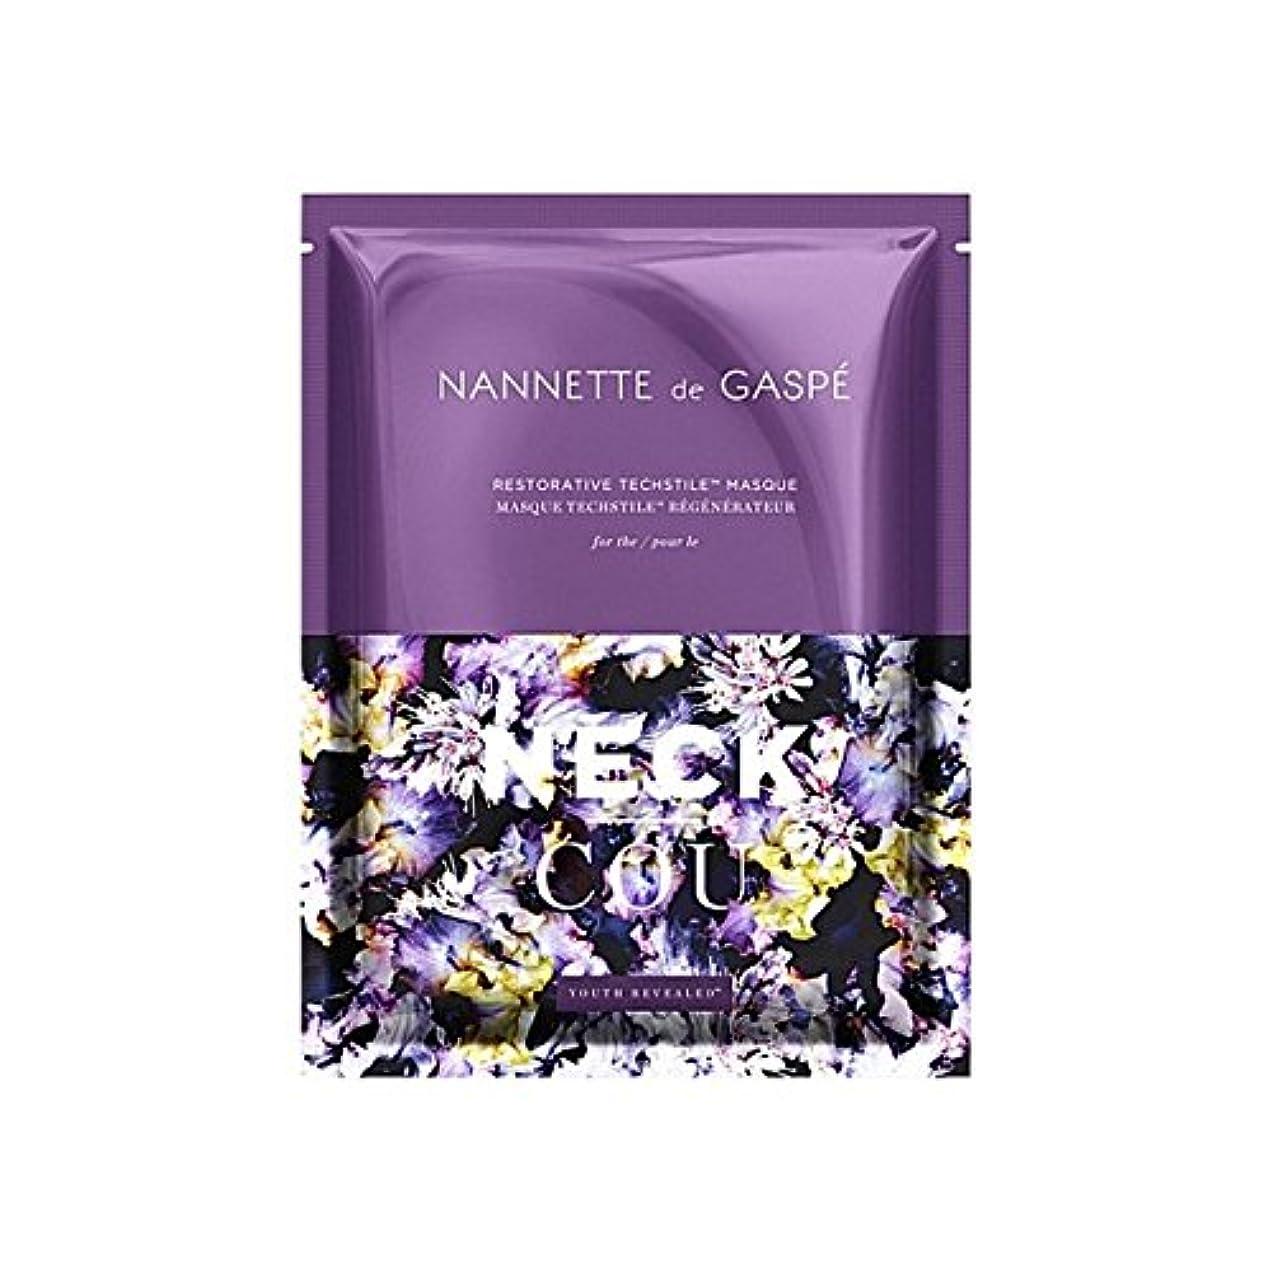 デガスペ修復首の仮面劇 x4 - Nannette De Gaspe Restorative Techstile Neck Masque (Pack of 4) [並行輸入品]